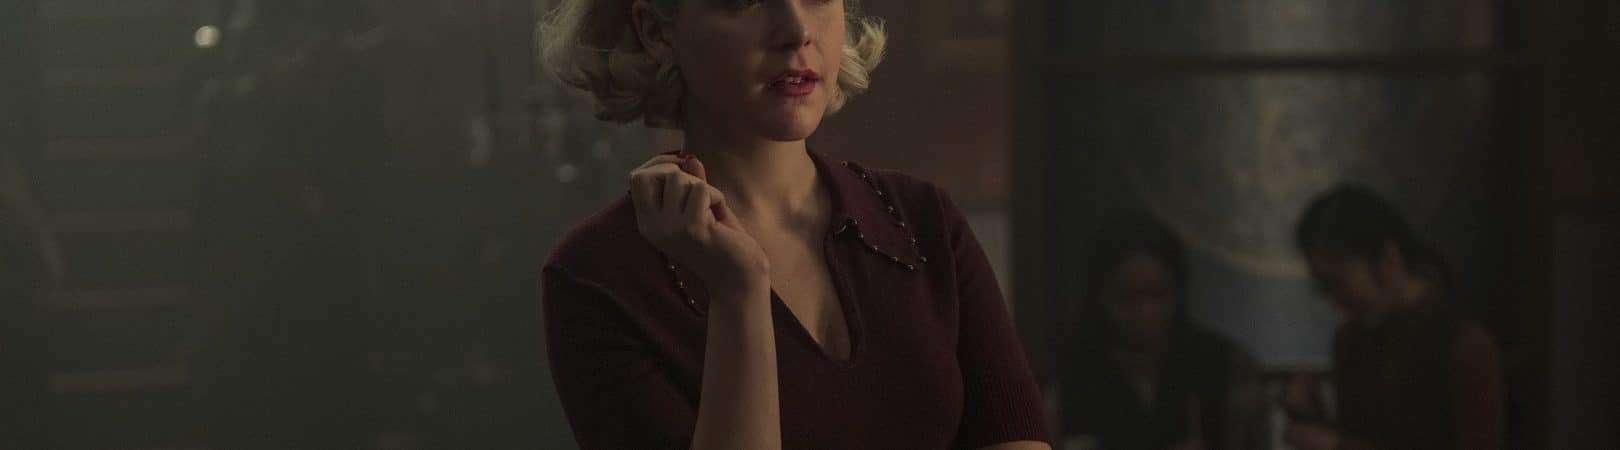 Kiernan Shipka como Sabrina em 'O Mundo Sombrio de Sabrina'. Imagem: Diyah Pera/Netflix